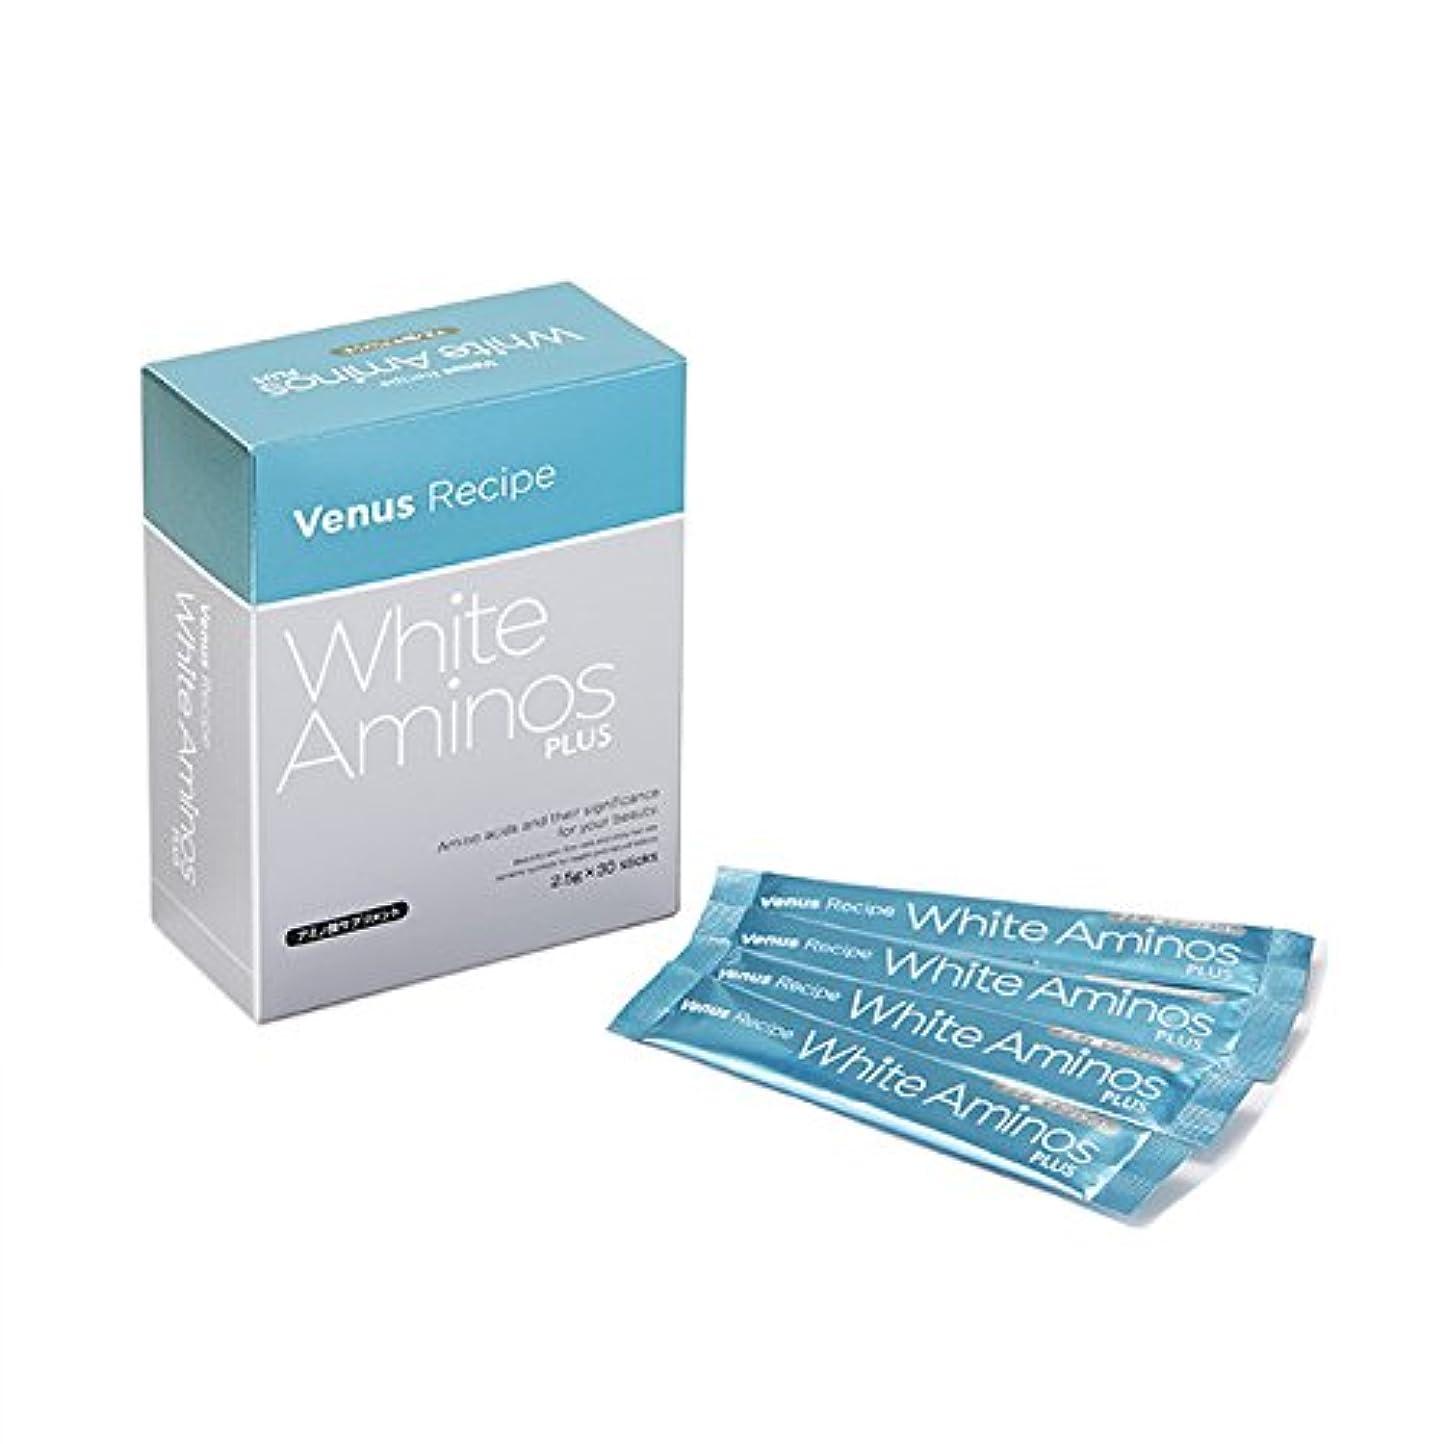 アンソロジー破壊的手数料アクシージア (AXXZIA) ヴィーナスレシピ ホワイト アミノズ プラス 75g/1箱(30包×1包2.5g入り)